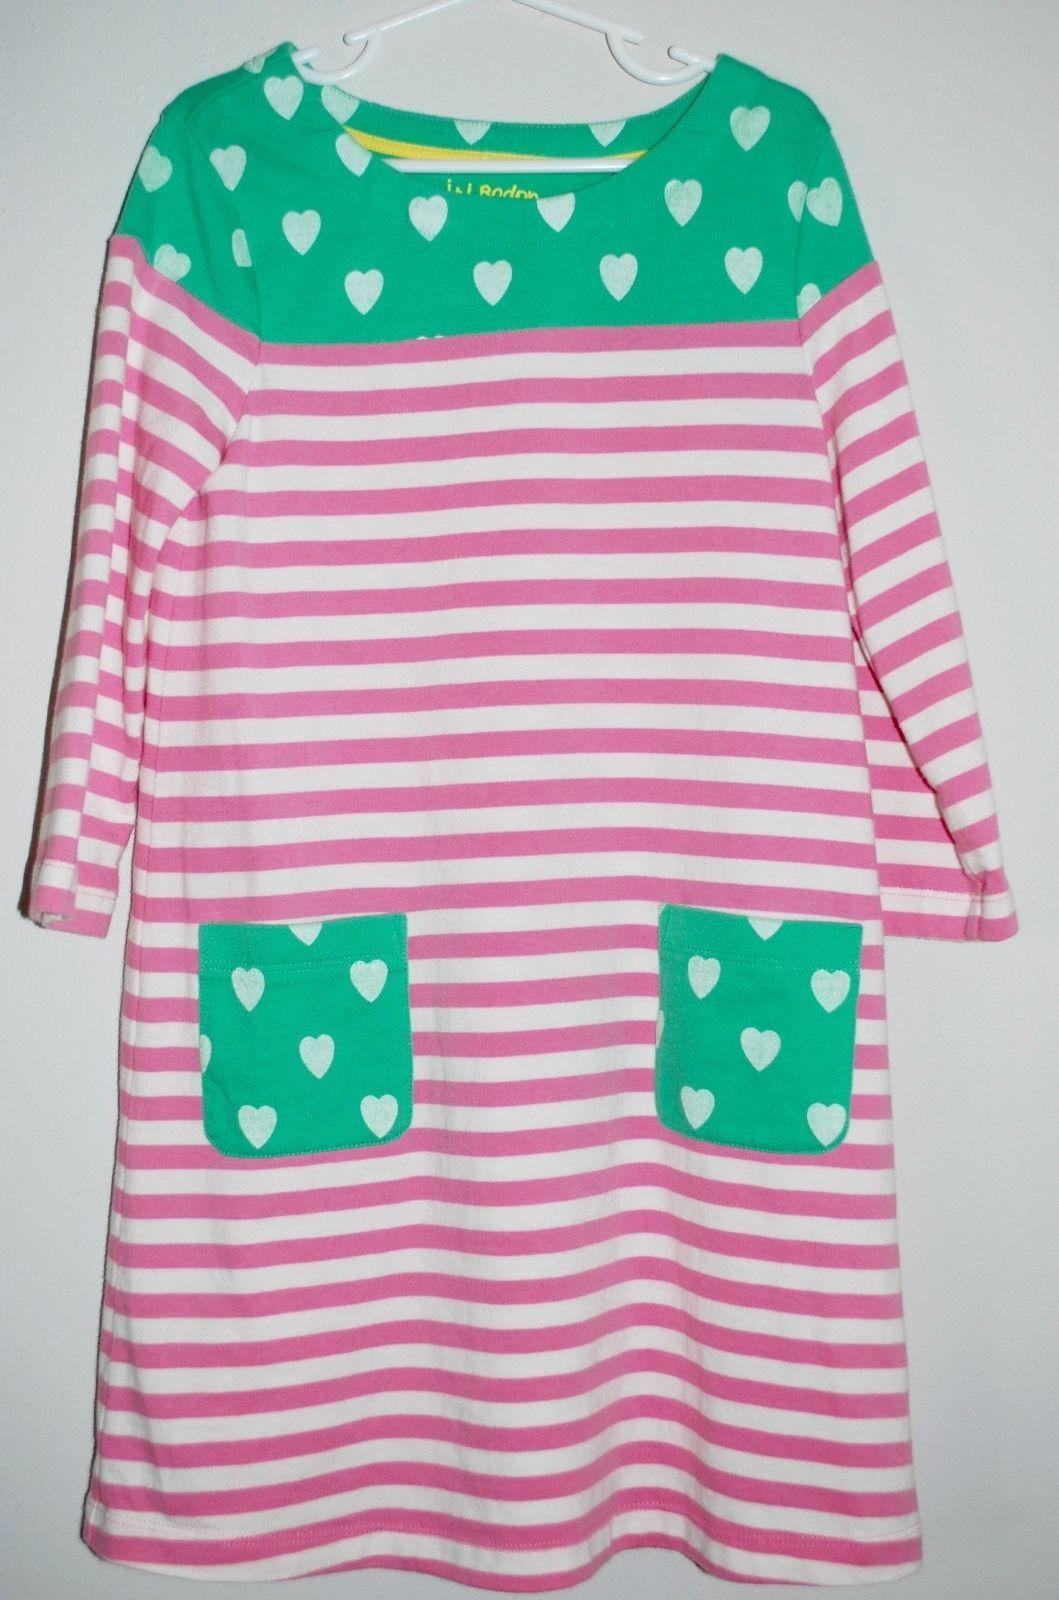 Clothes, Shoes & Accessories Kids' Clothes, Shoes & Accs. Mini Boden Dress 7-8